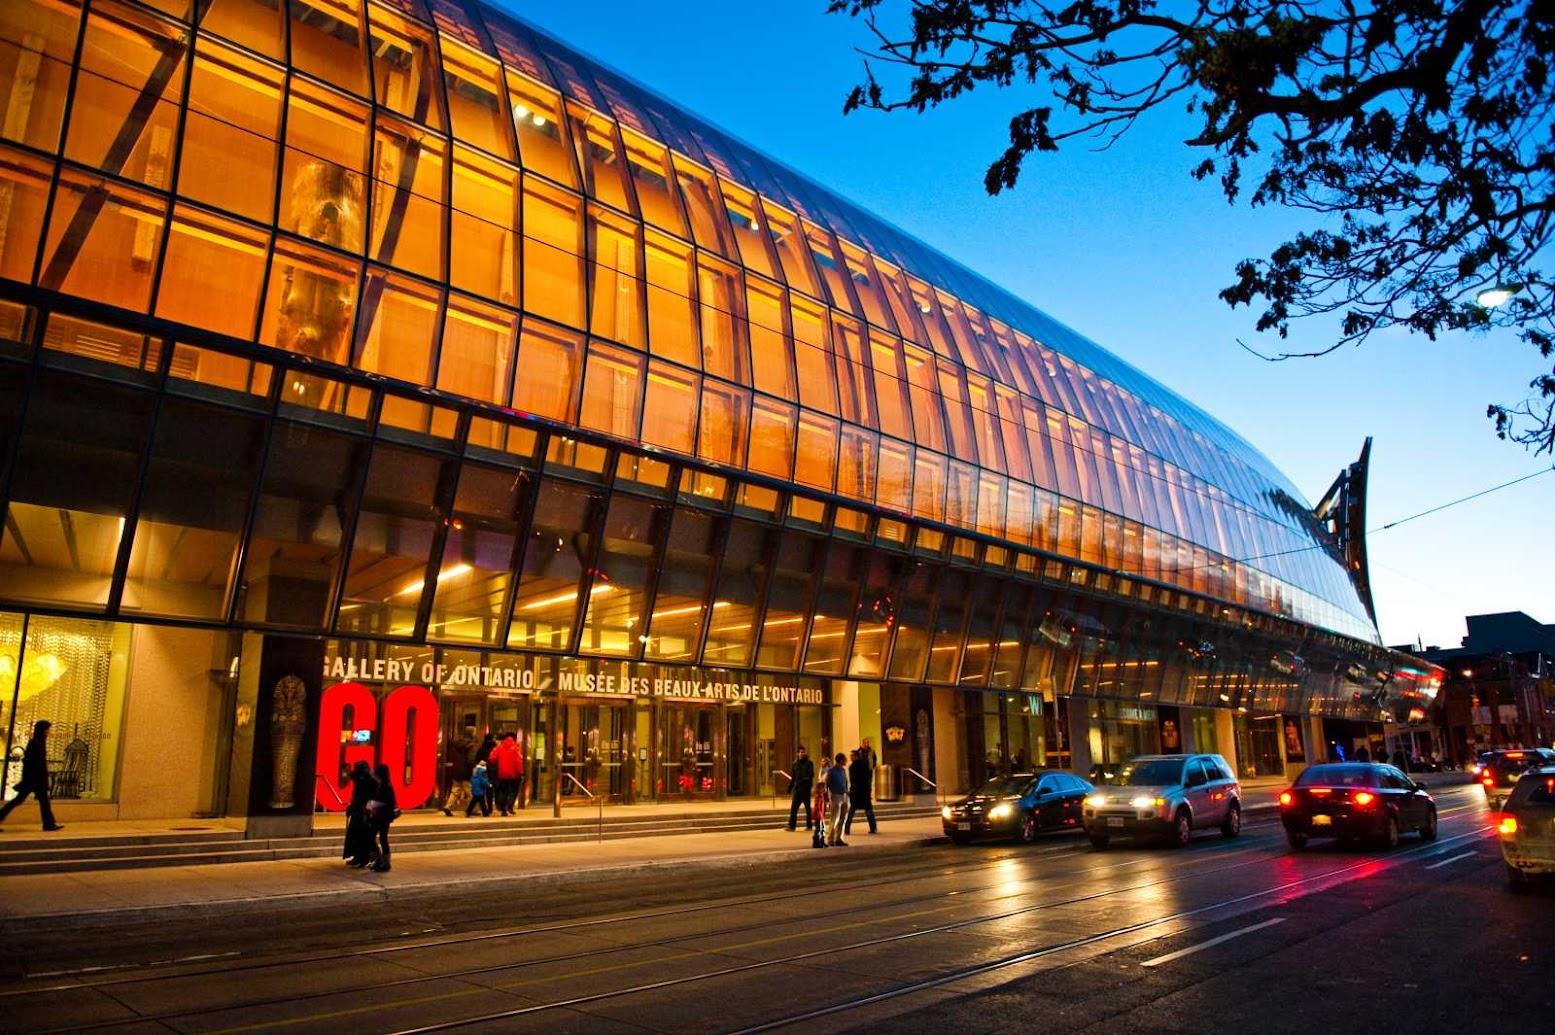 Unusual Architecture: Canada